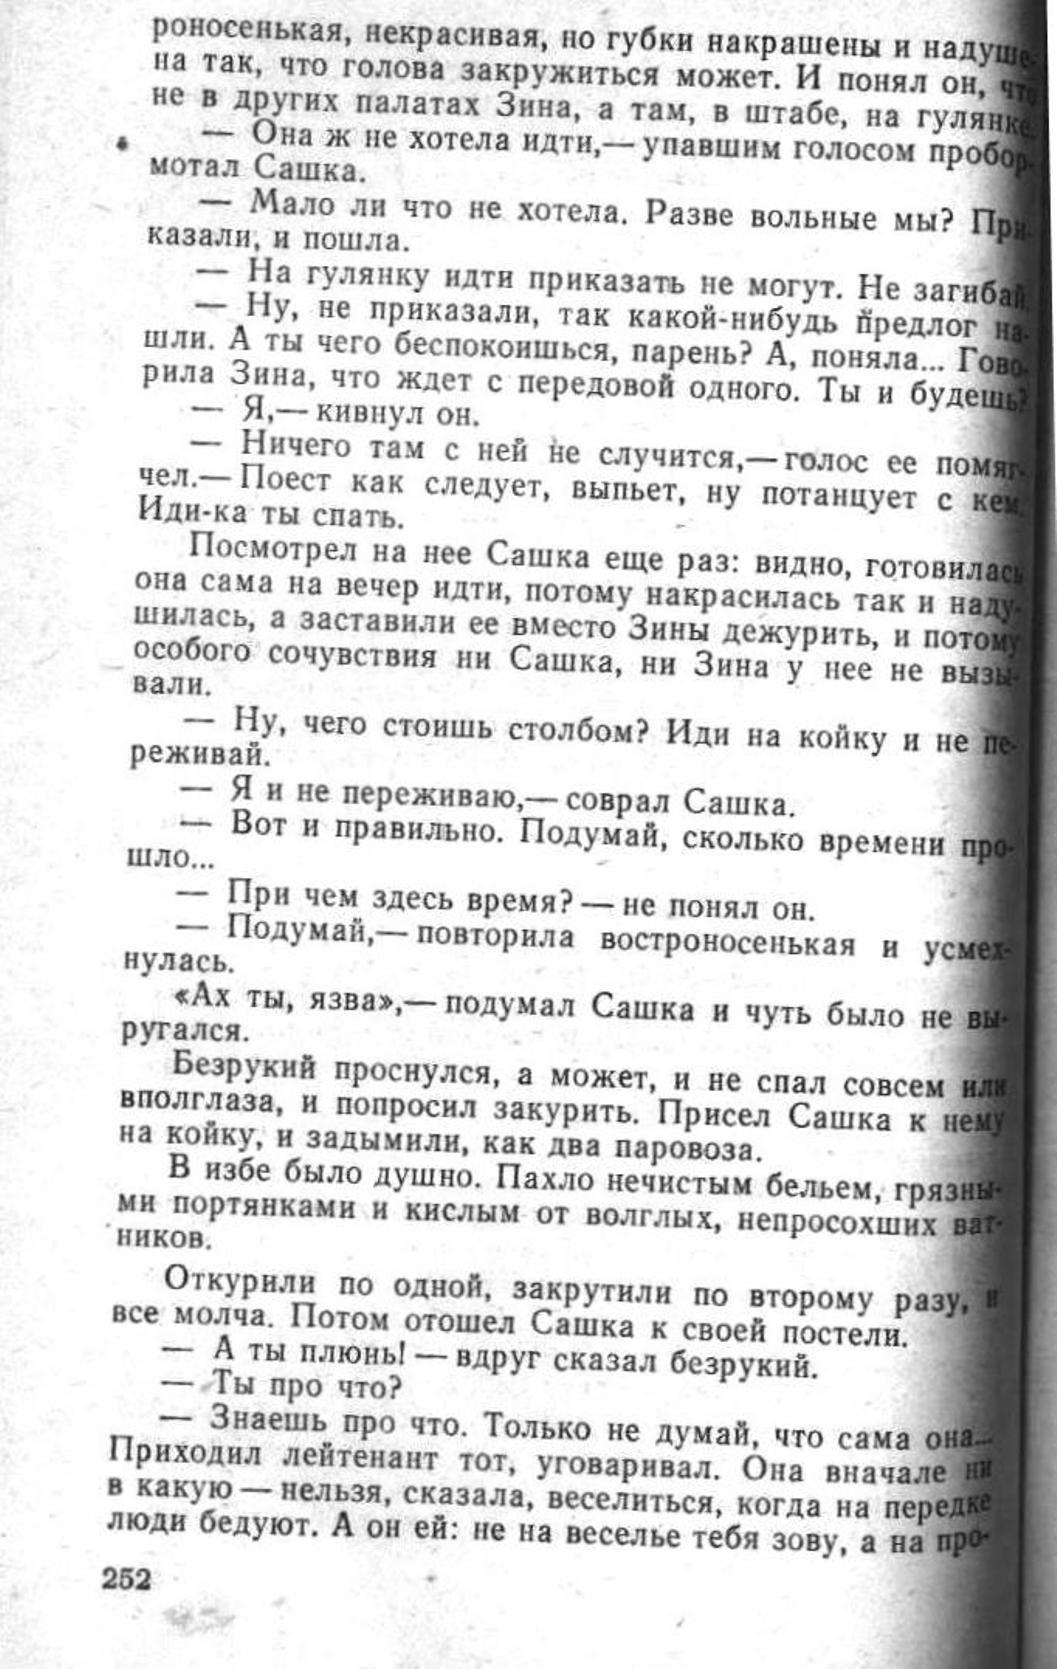 Сашка. Повесть. Вячеслав Кондратьев. 011. 003